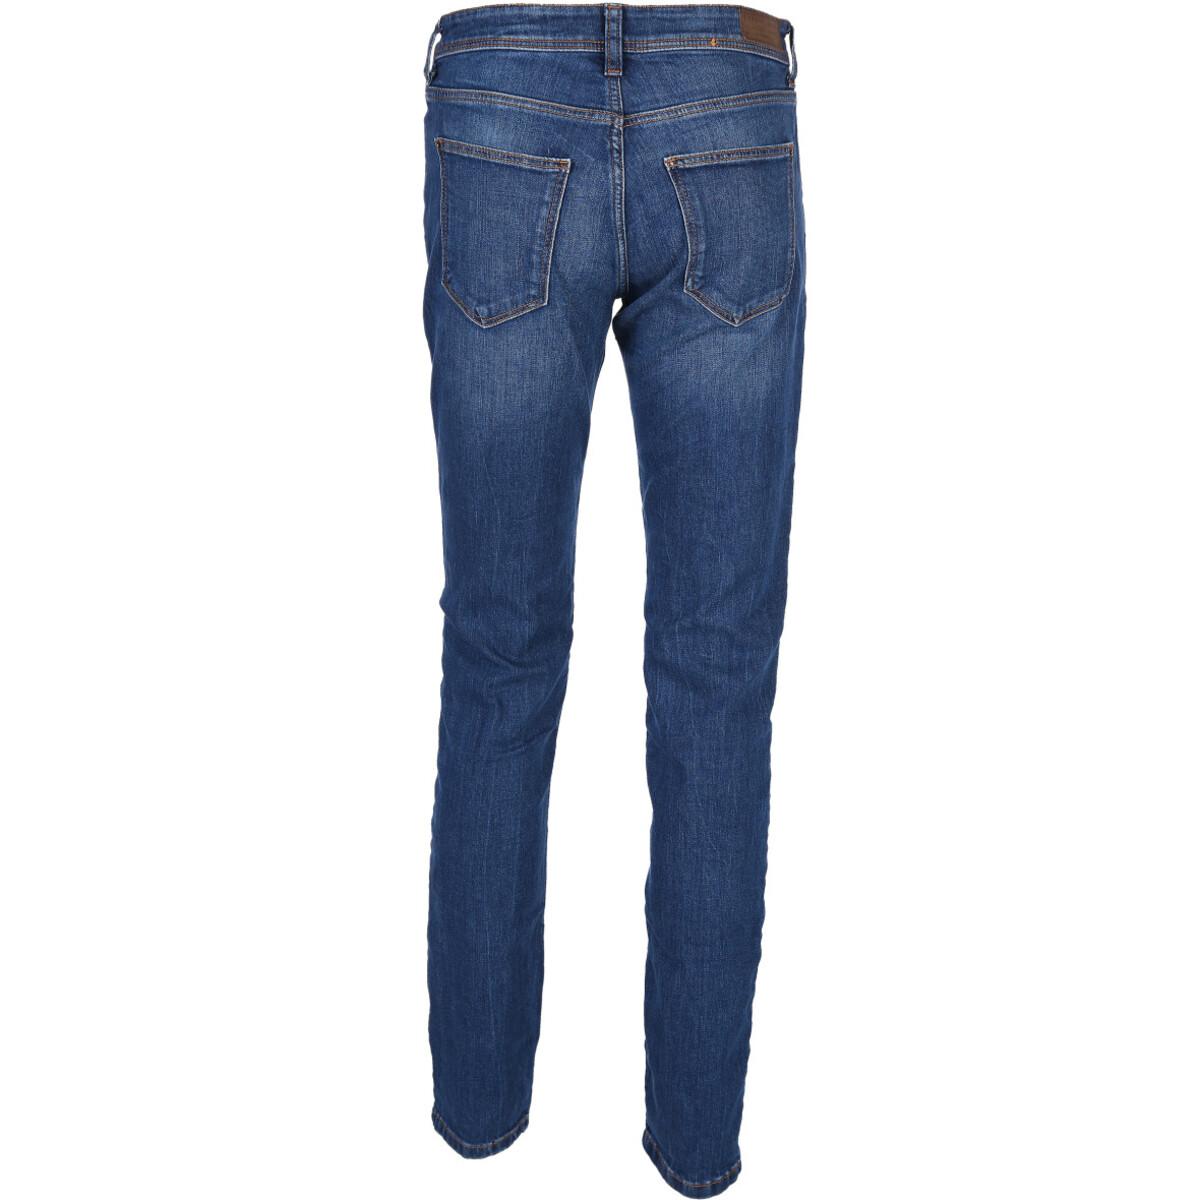 Bild 2 von Damen Jeans mit Galonstreifen